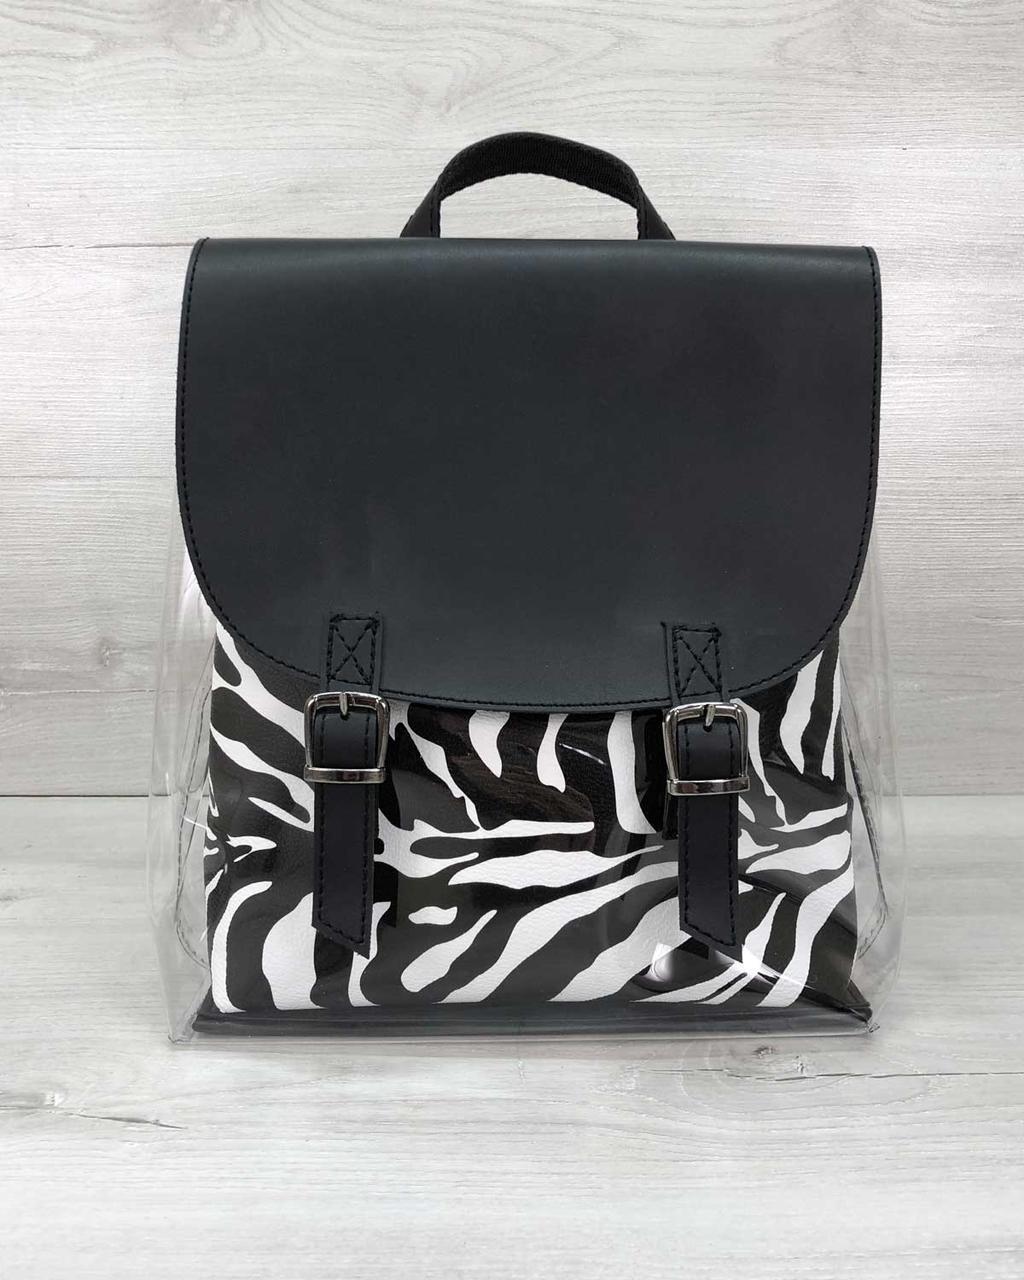 Стильный молодежный сумка-рюкзак женский городской повседневный силиконовый черный с косметичкой зебра